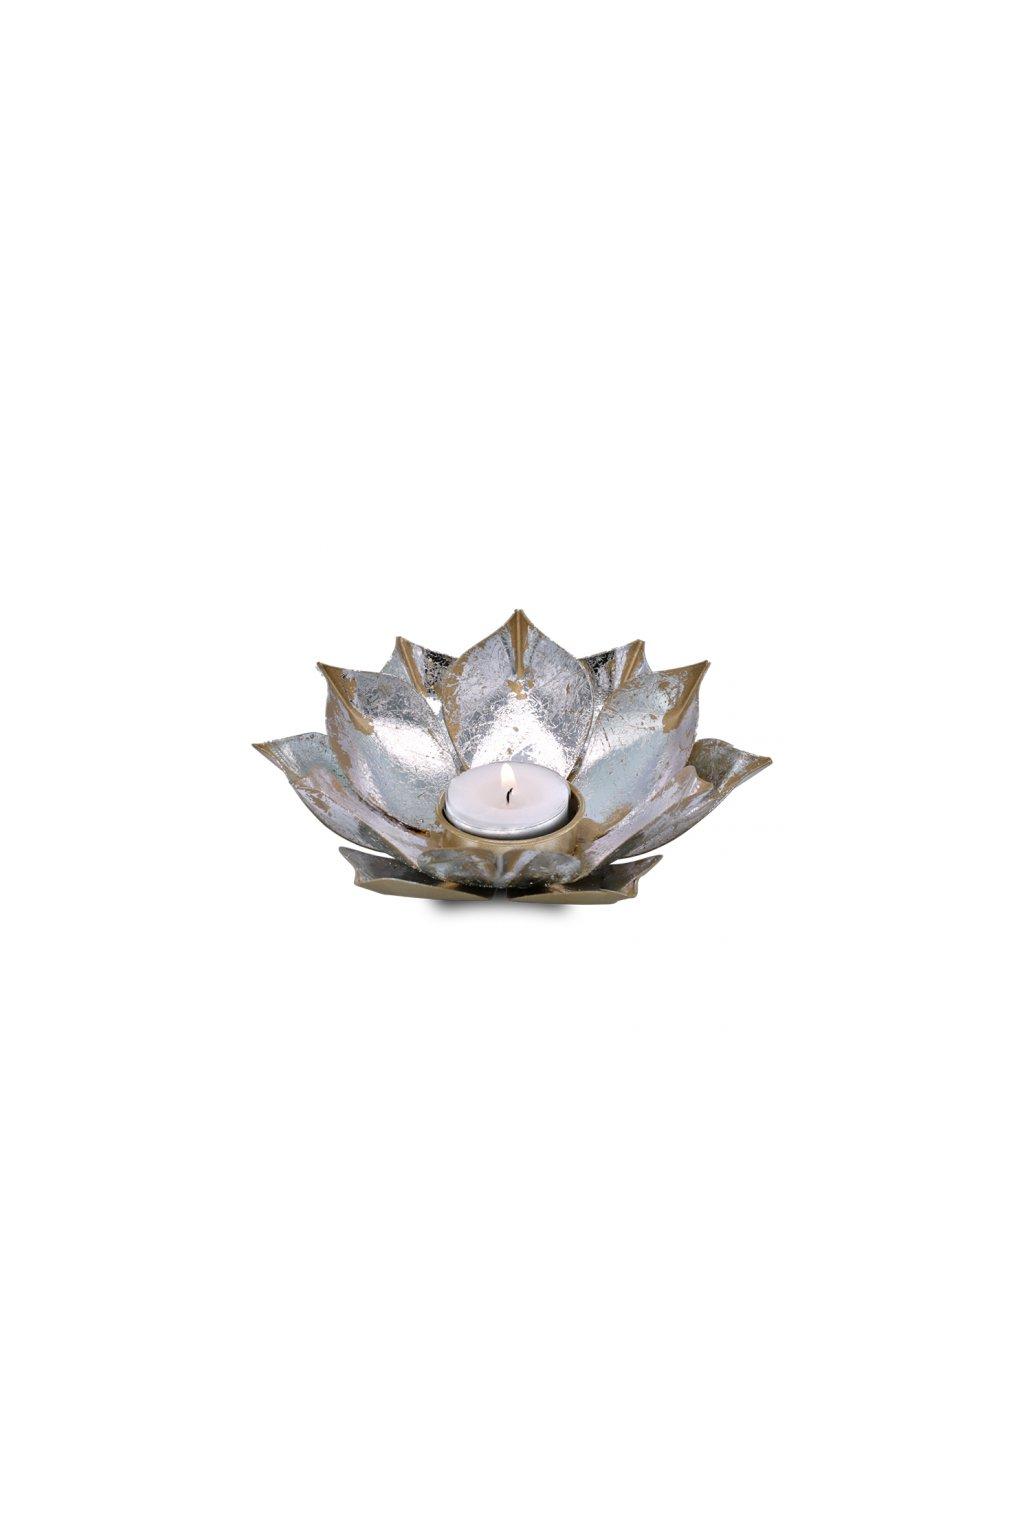 Lotosový svícen - Otevřený lotos